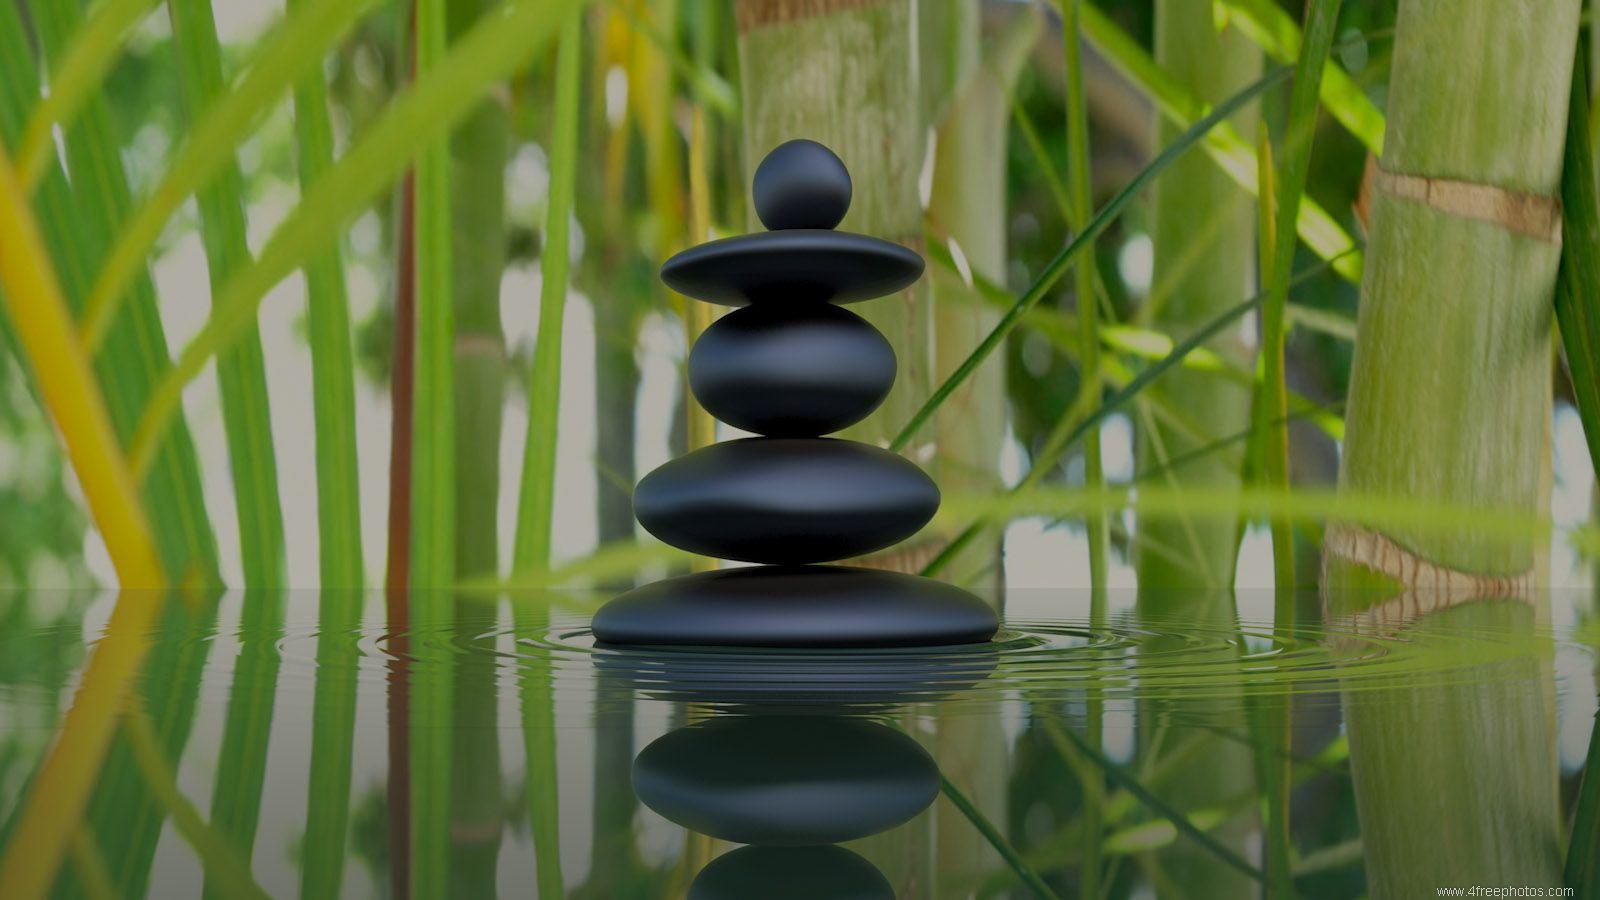 http://trenerzy.slask.pl/wp-content/uploads/2012/09/Zen-stones-and ...